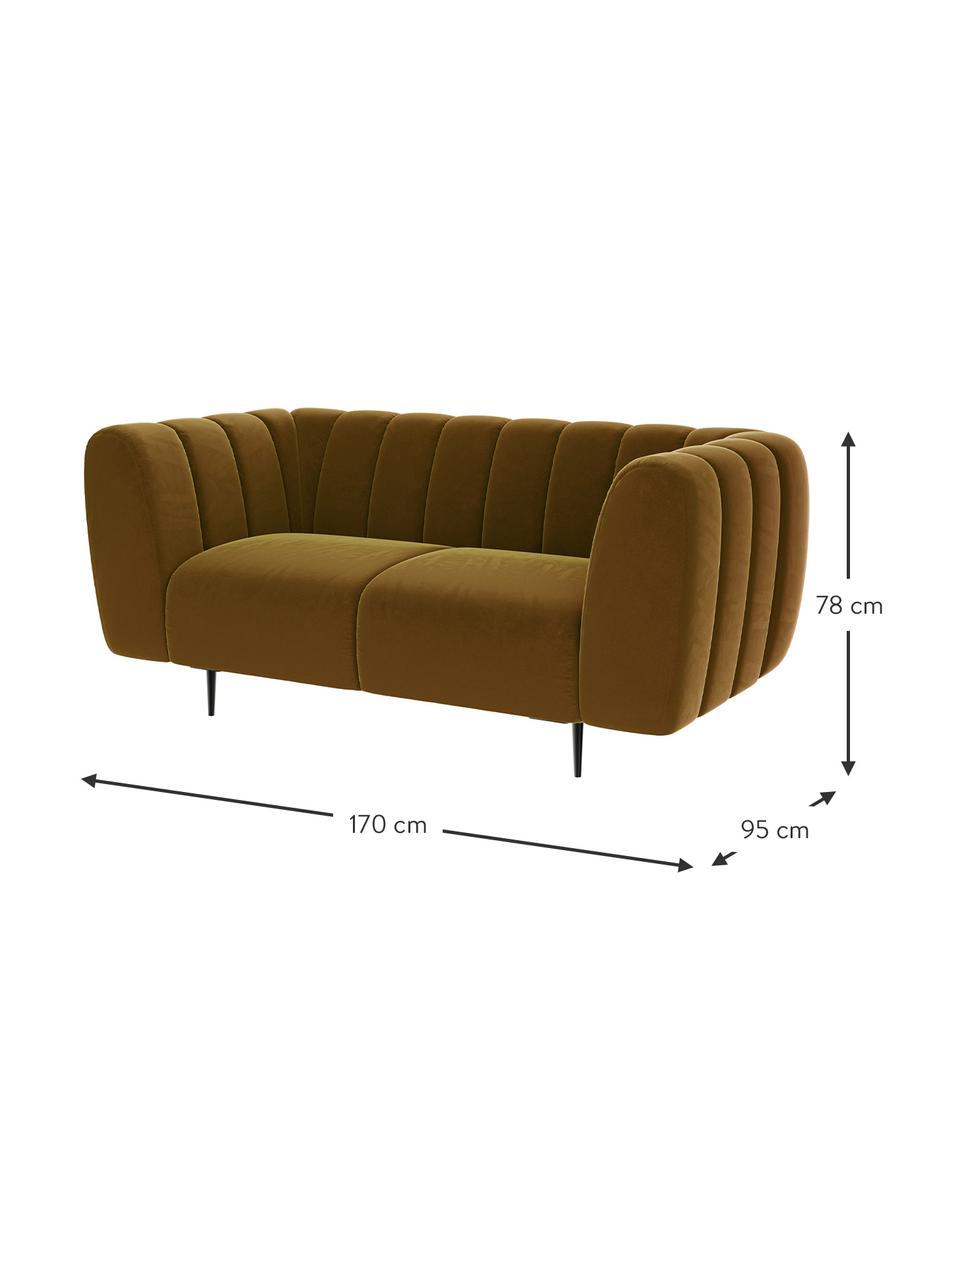 Sofa z aksamitu Shel (2-osobowa), Tapicerka: 100% aksamit poliestrowy, Stelaż: drewno liściaste, drewno , Nogi: metal powlekany Dzięki tk, Musztardowy, S 170 x G 95 cm